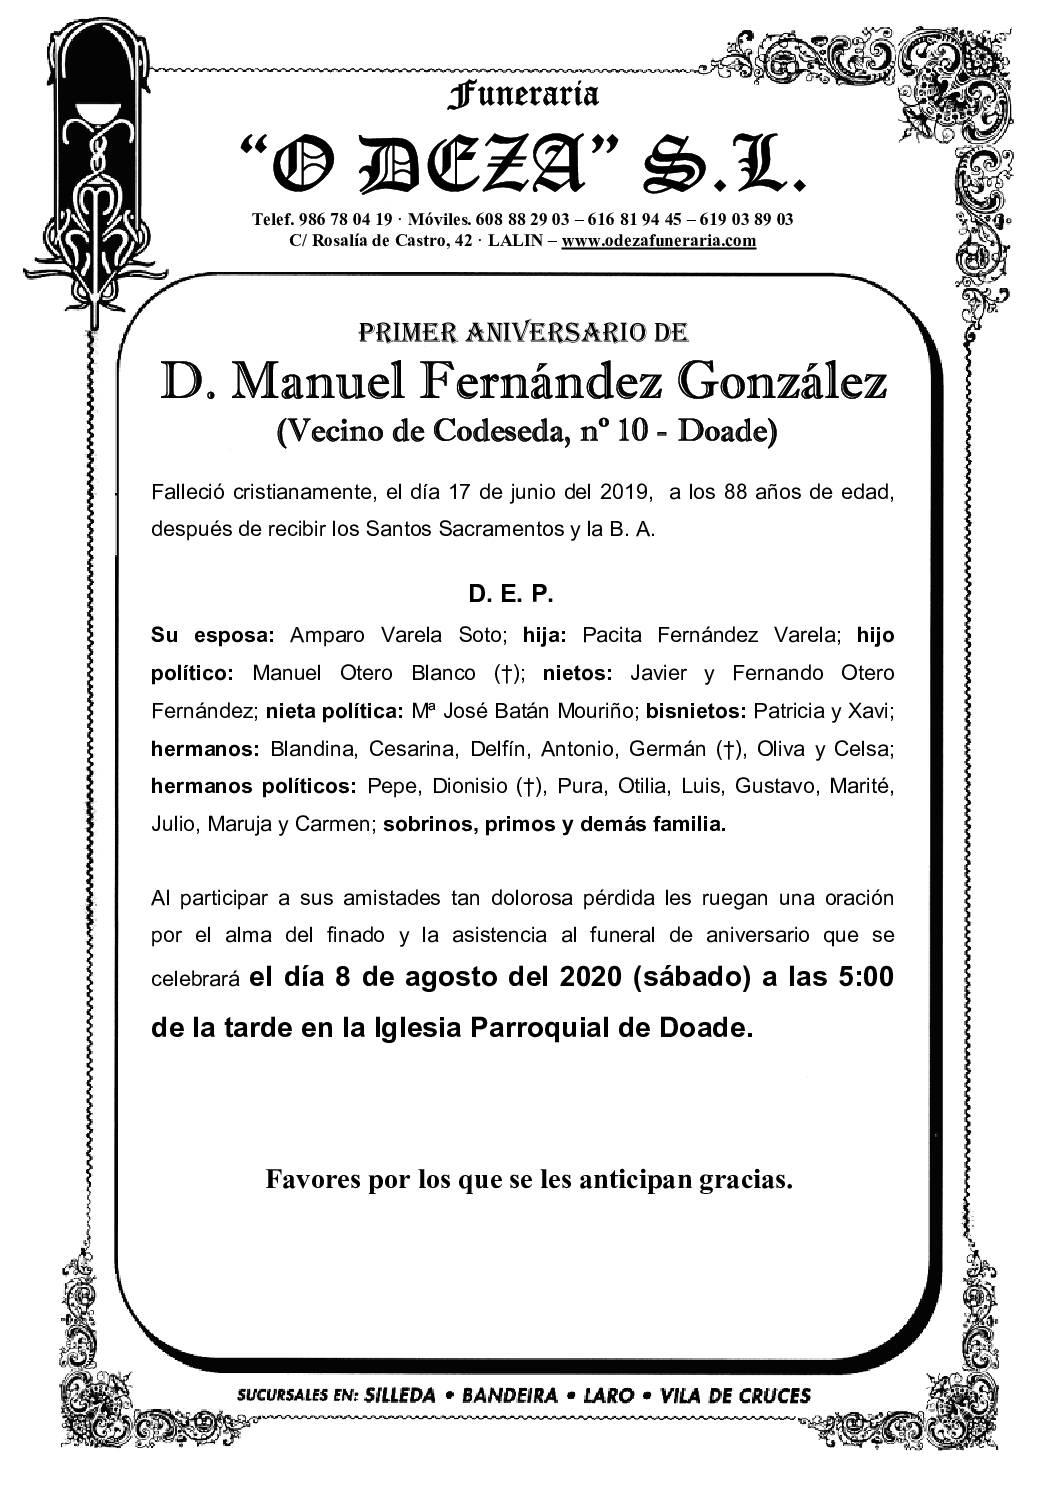 D. MANUEL FERNÁNDEZ GONZÁLEZ